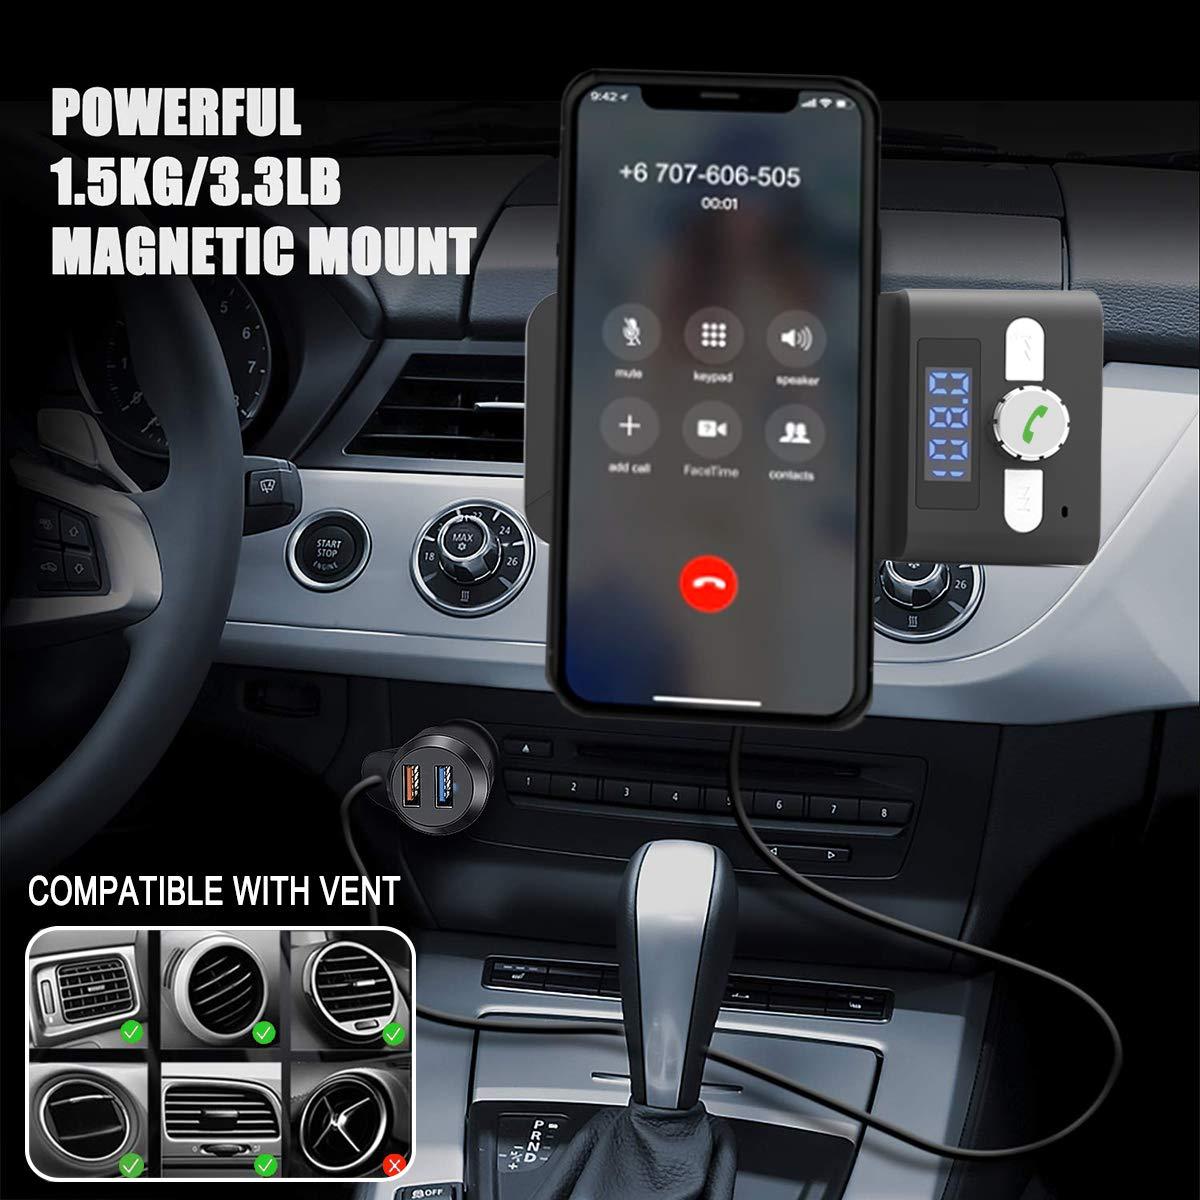 Transmisor FM Bluetooth Coche Huawei P30// M20 Pro y M/ás Soporte M/óvil Coche Magn/ético para iPhone XS//X//8//7//6 Plus Samsung Galaxy S10//S10+//S9//S8//S7